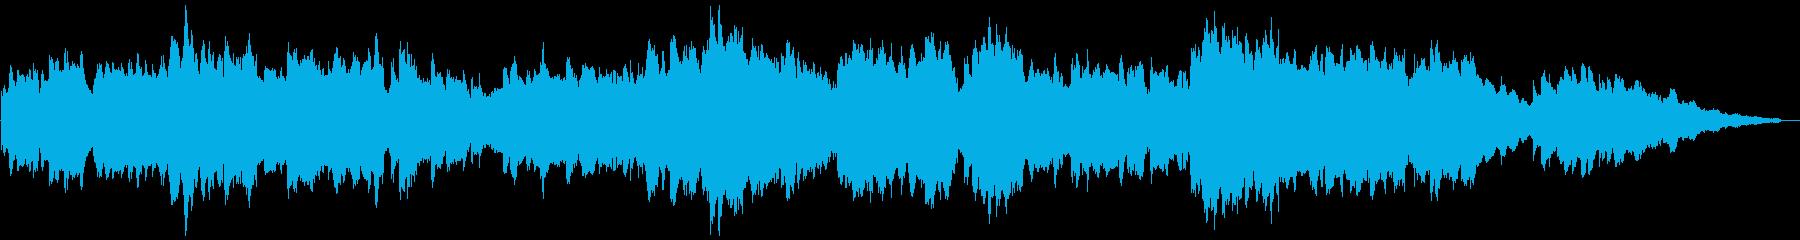 オルゴール風の優しいBGMの再生済みの波形